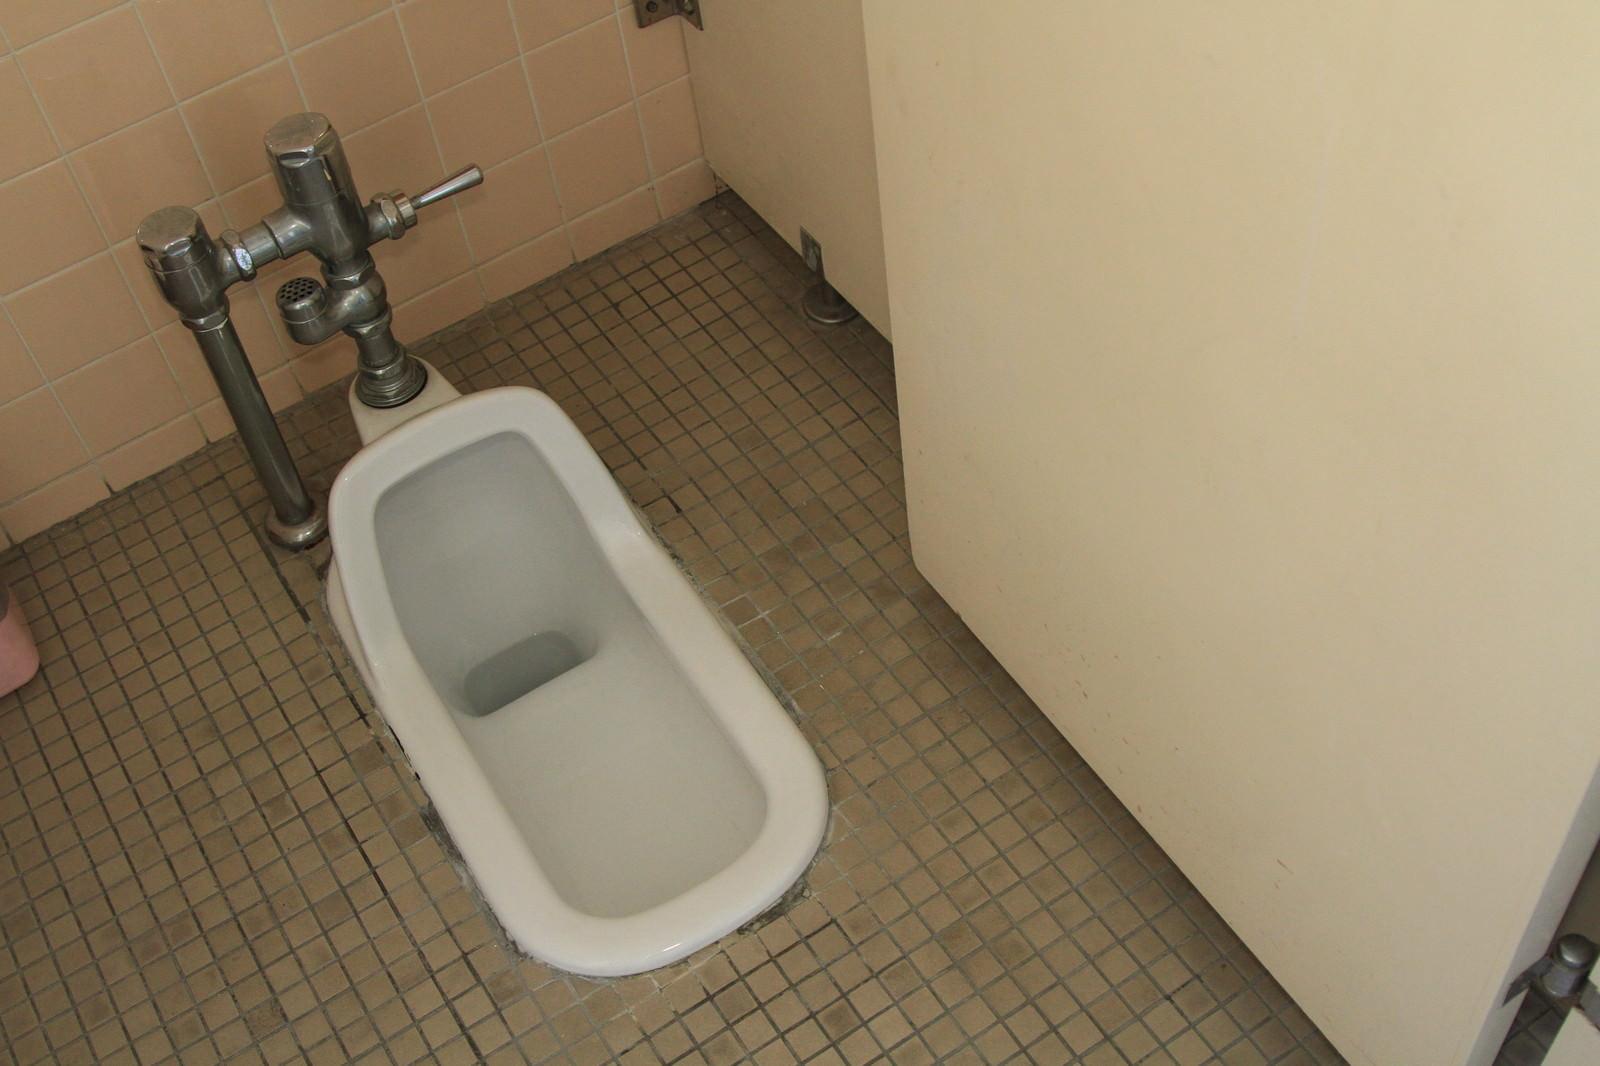 「使われなくなった和式トイレ」の写真